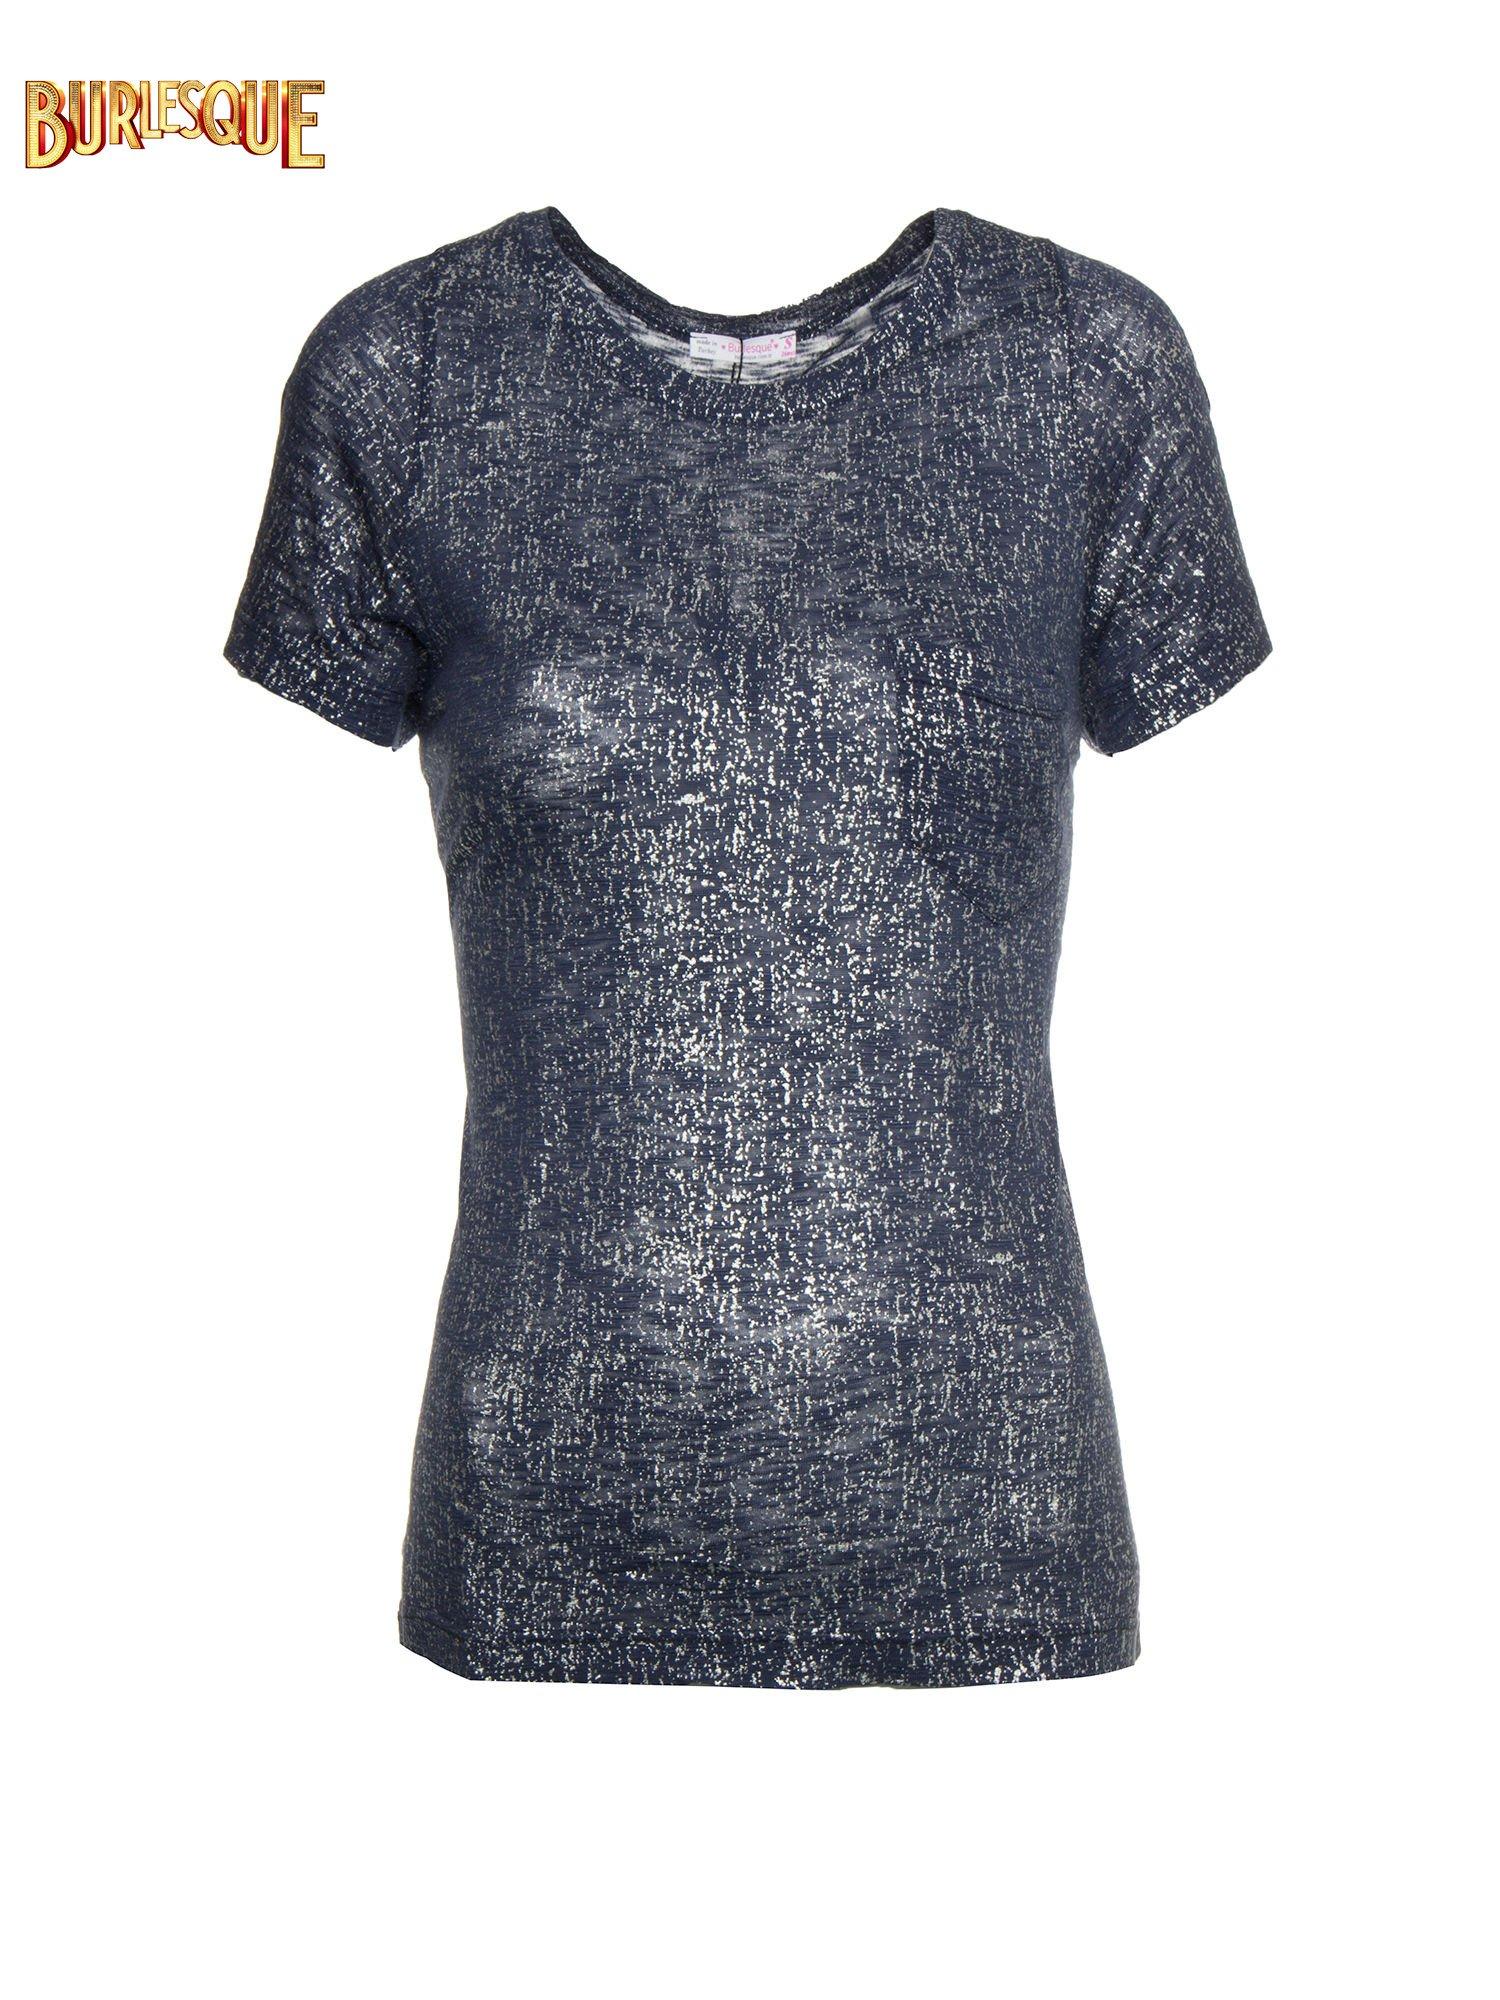 Granatowy t-shirt w srebrne plamki                                  zdj.                                  1